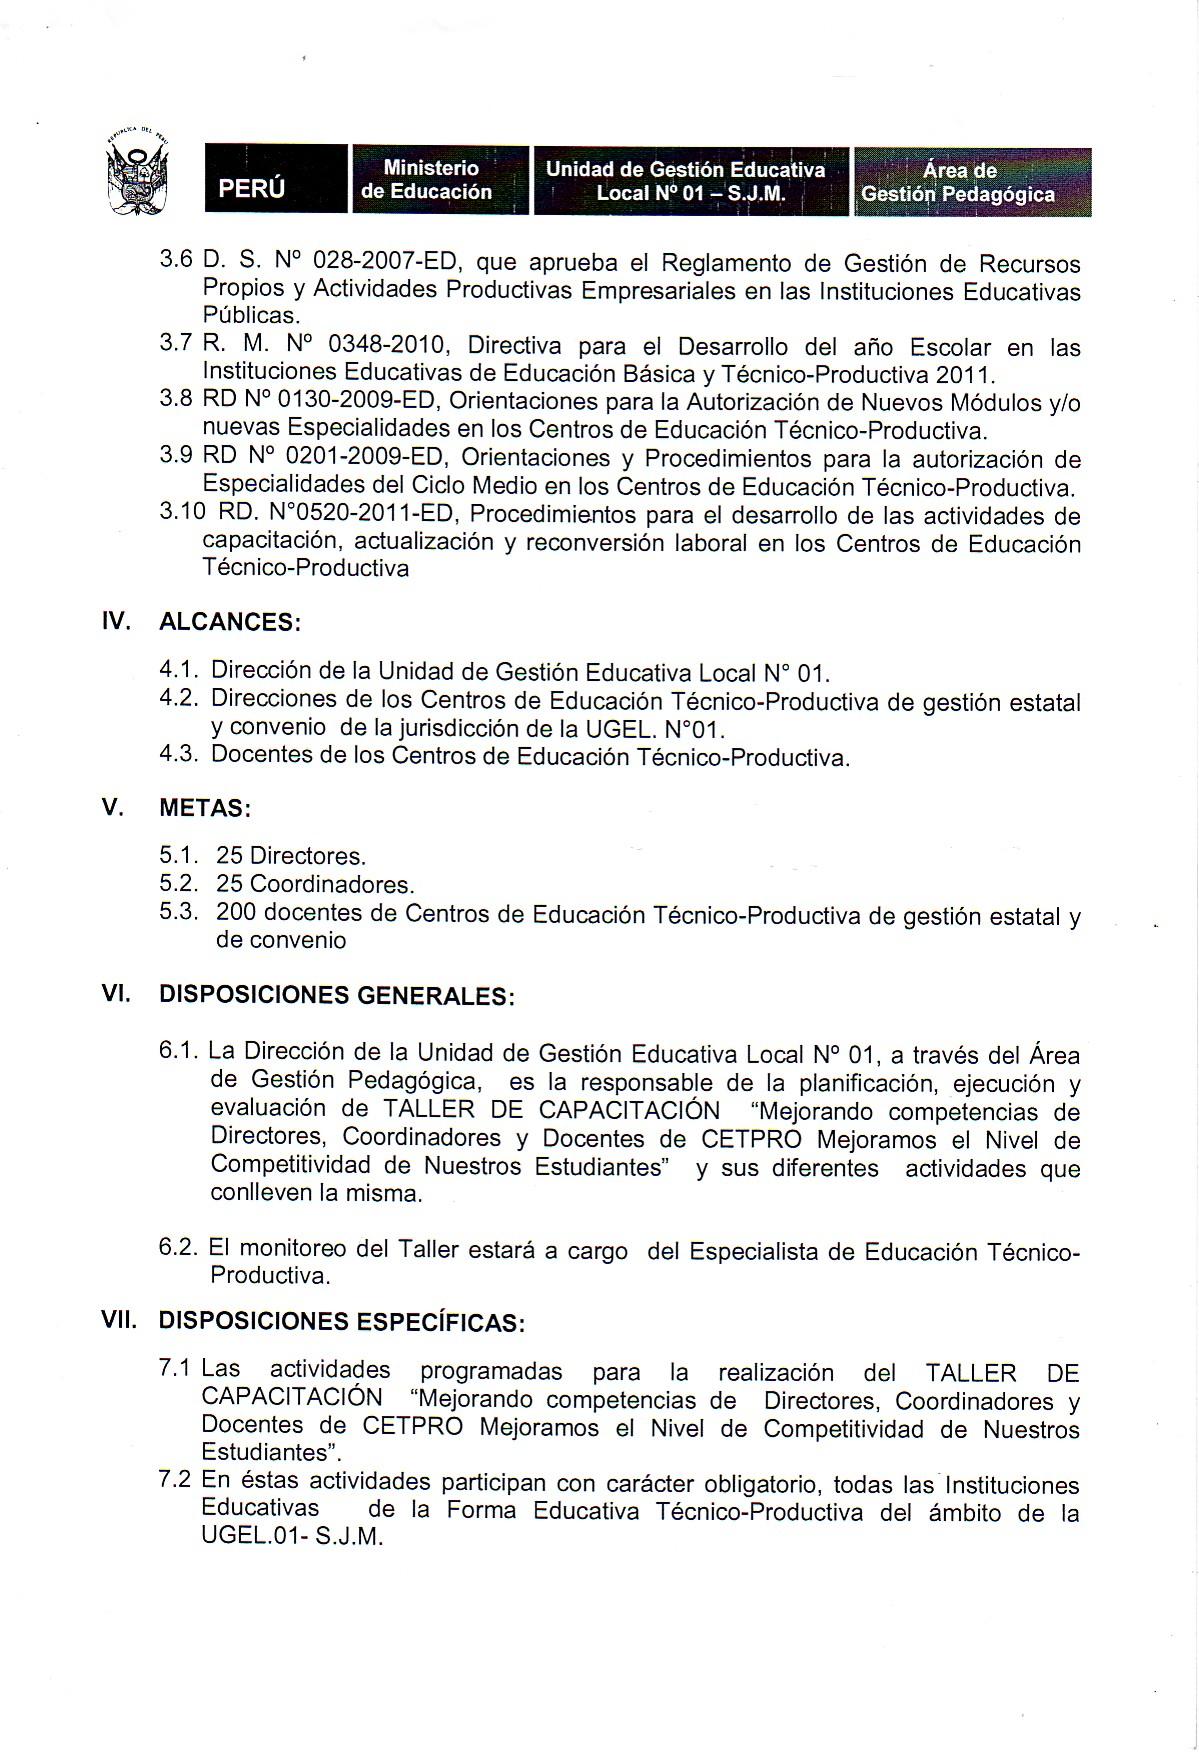 CAPACITACIÓN PARA DIRECTORES, COORDINADORES Y DOCENTES DE CETPROS